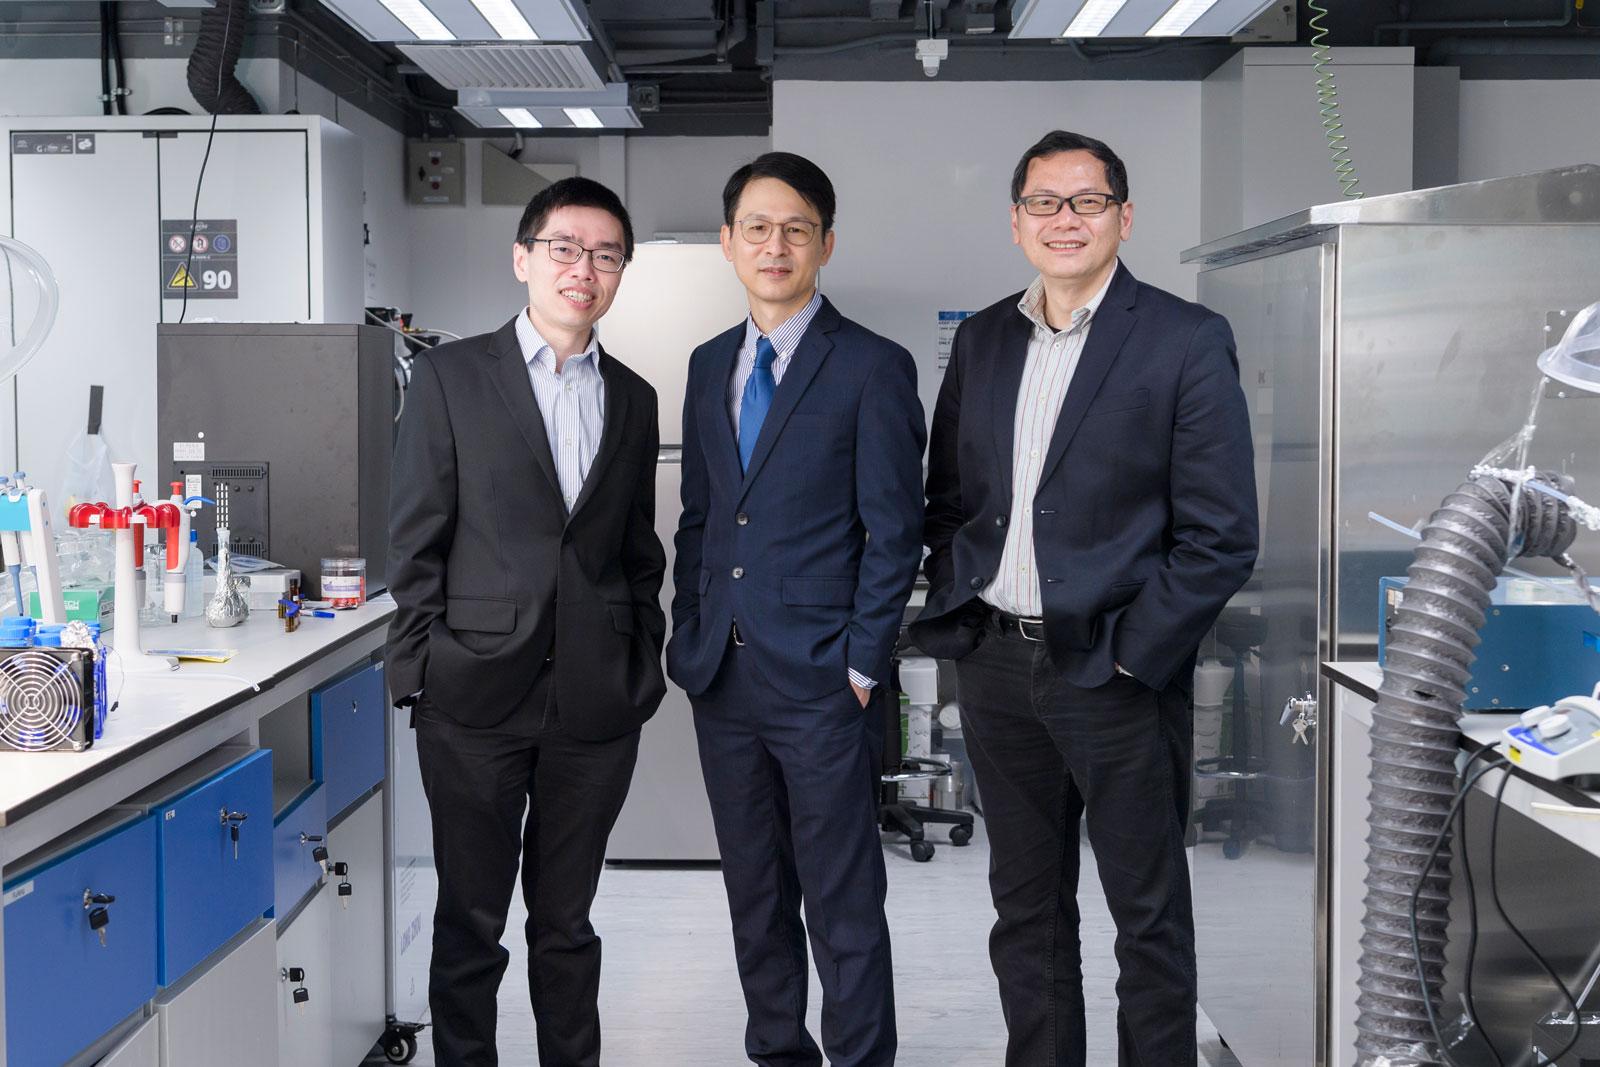 three profs